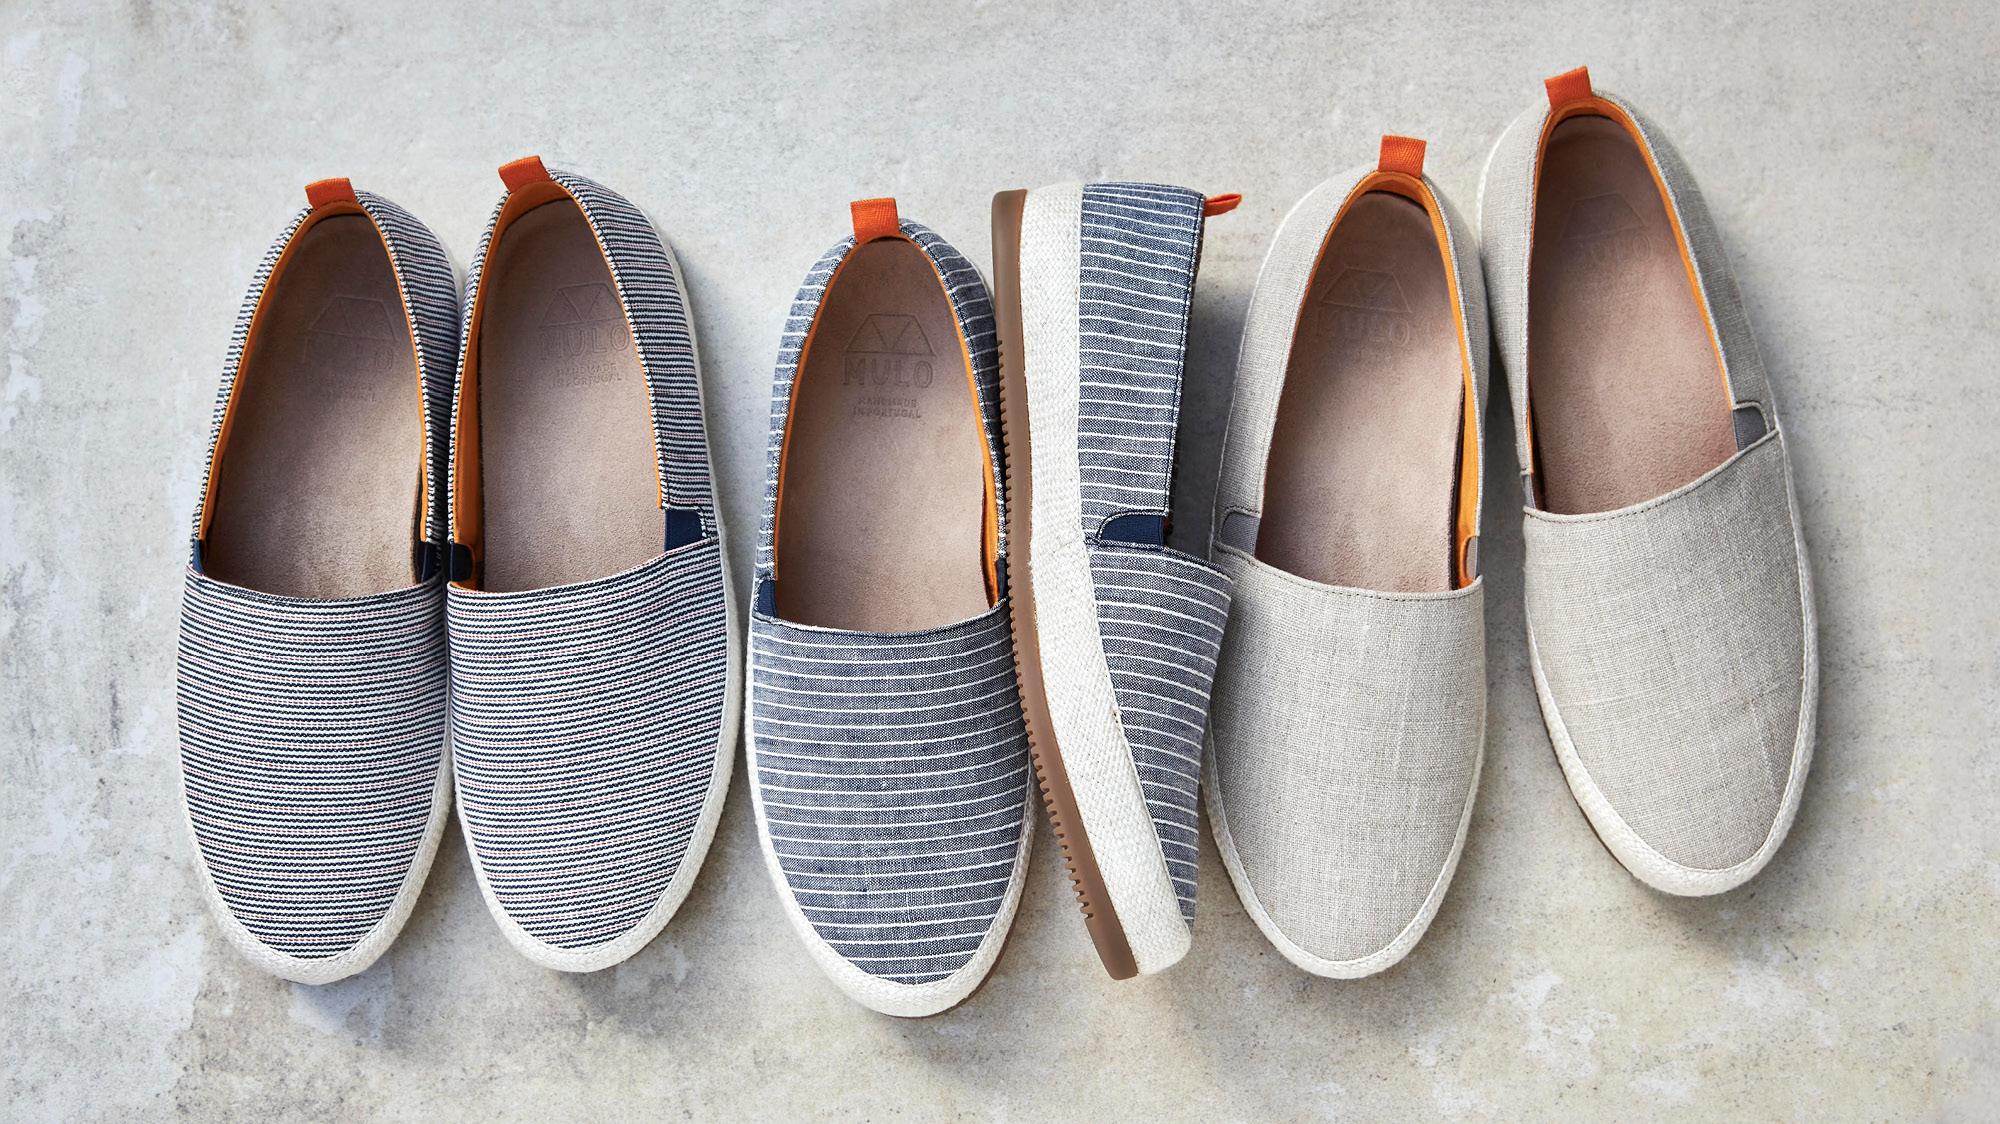 Mens Espadrilles - Lightweight Linen Mens Shoes for Summer